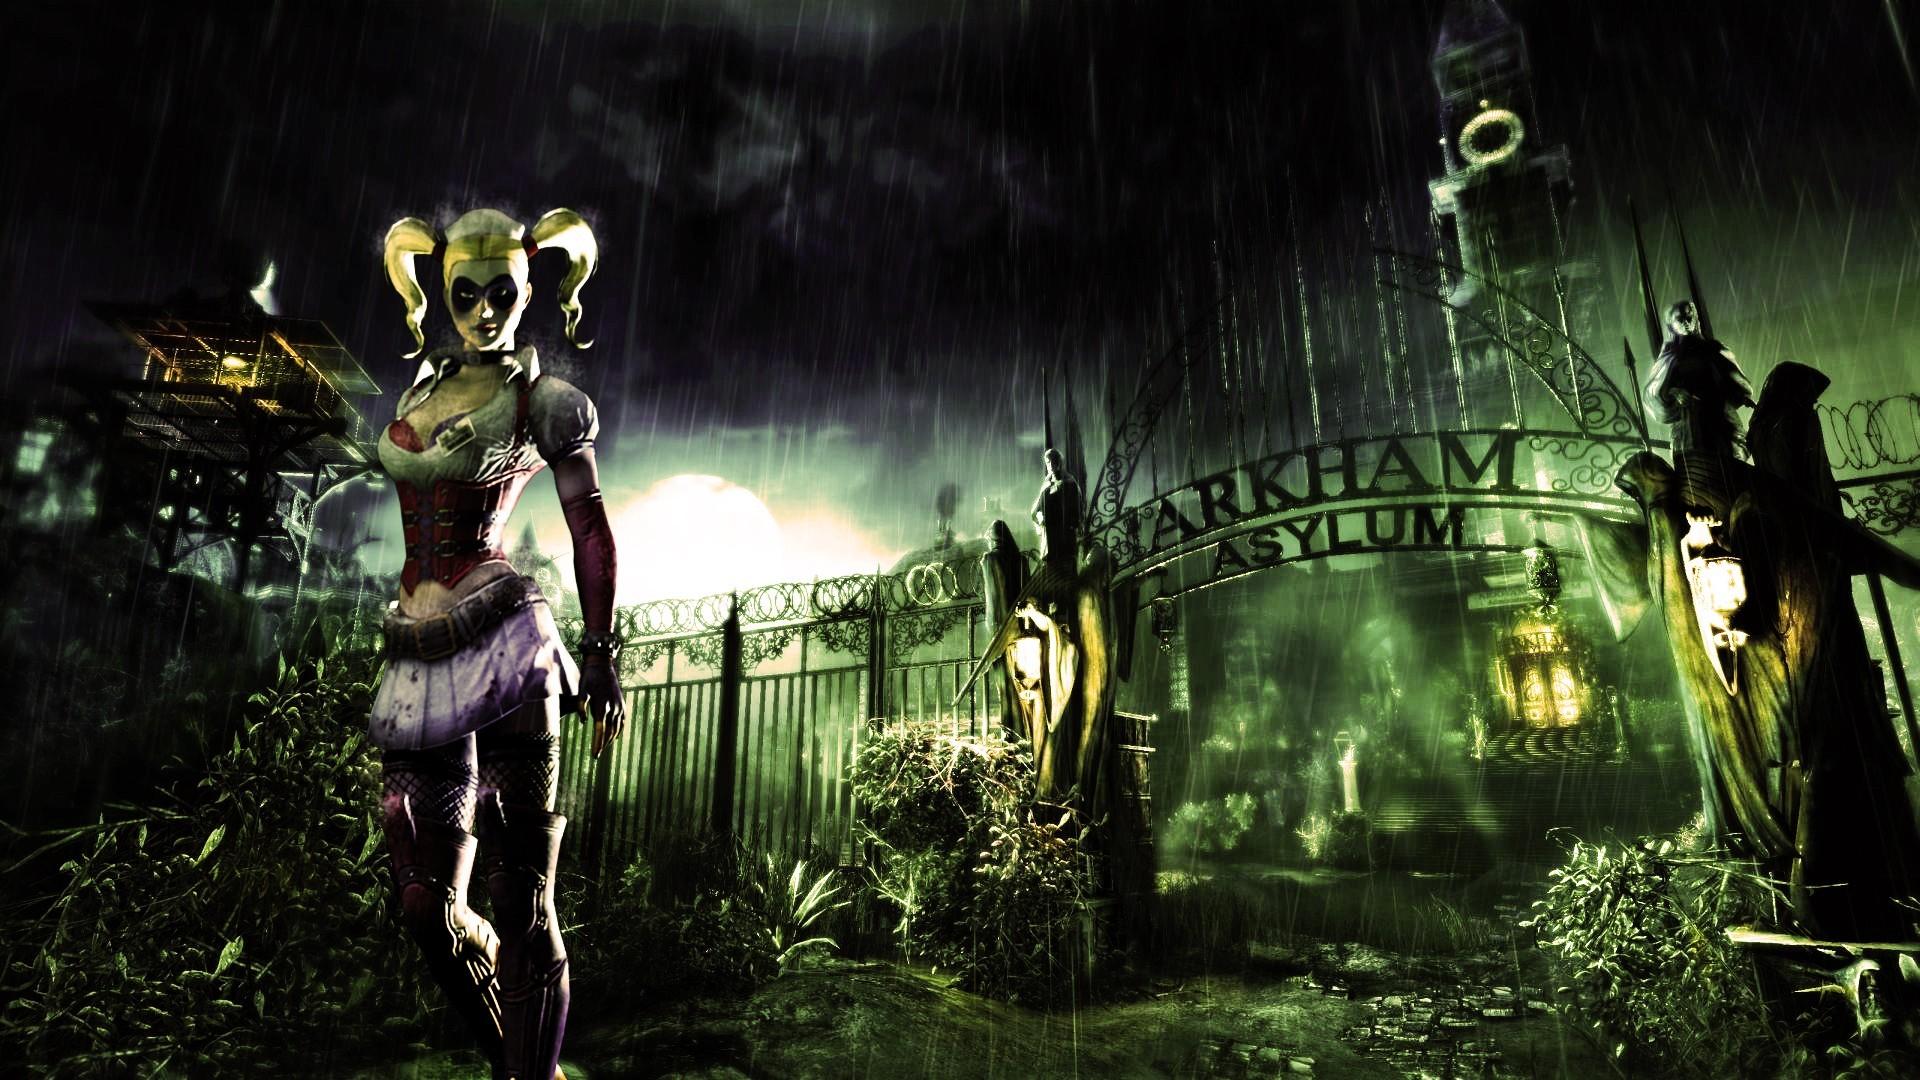 Fond d'écran : forêt, jeux vidéo, nuit, vert, jungle, Harley Quinn, Batman Arkham Asylum ...